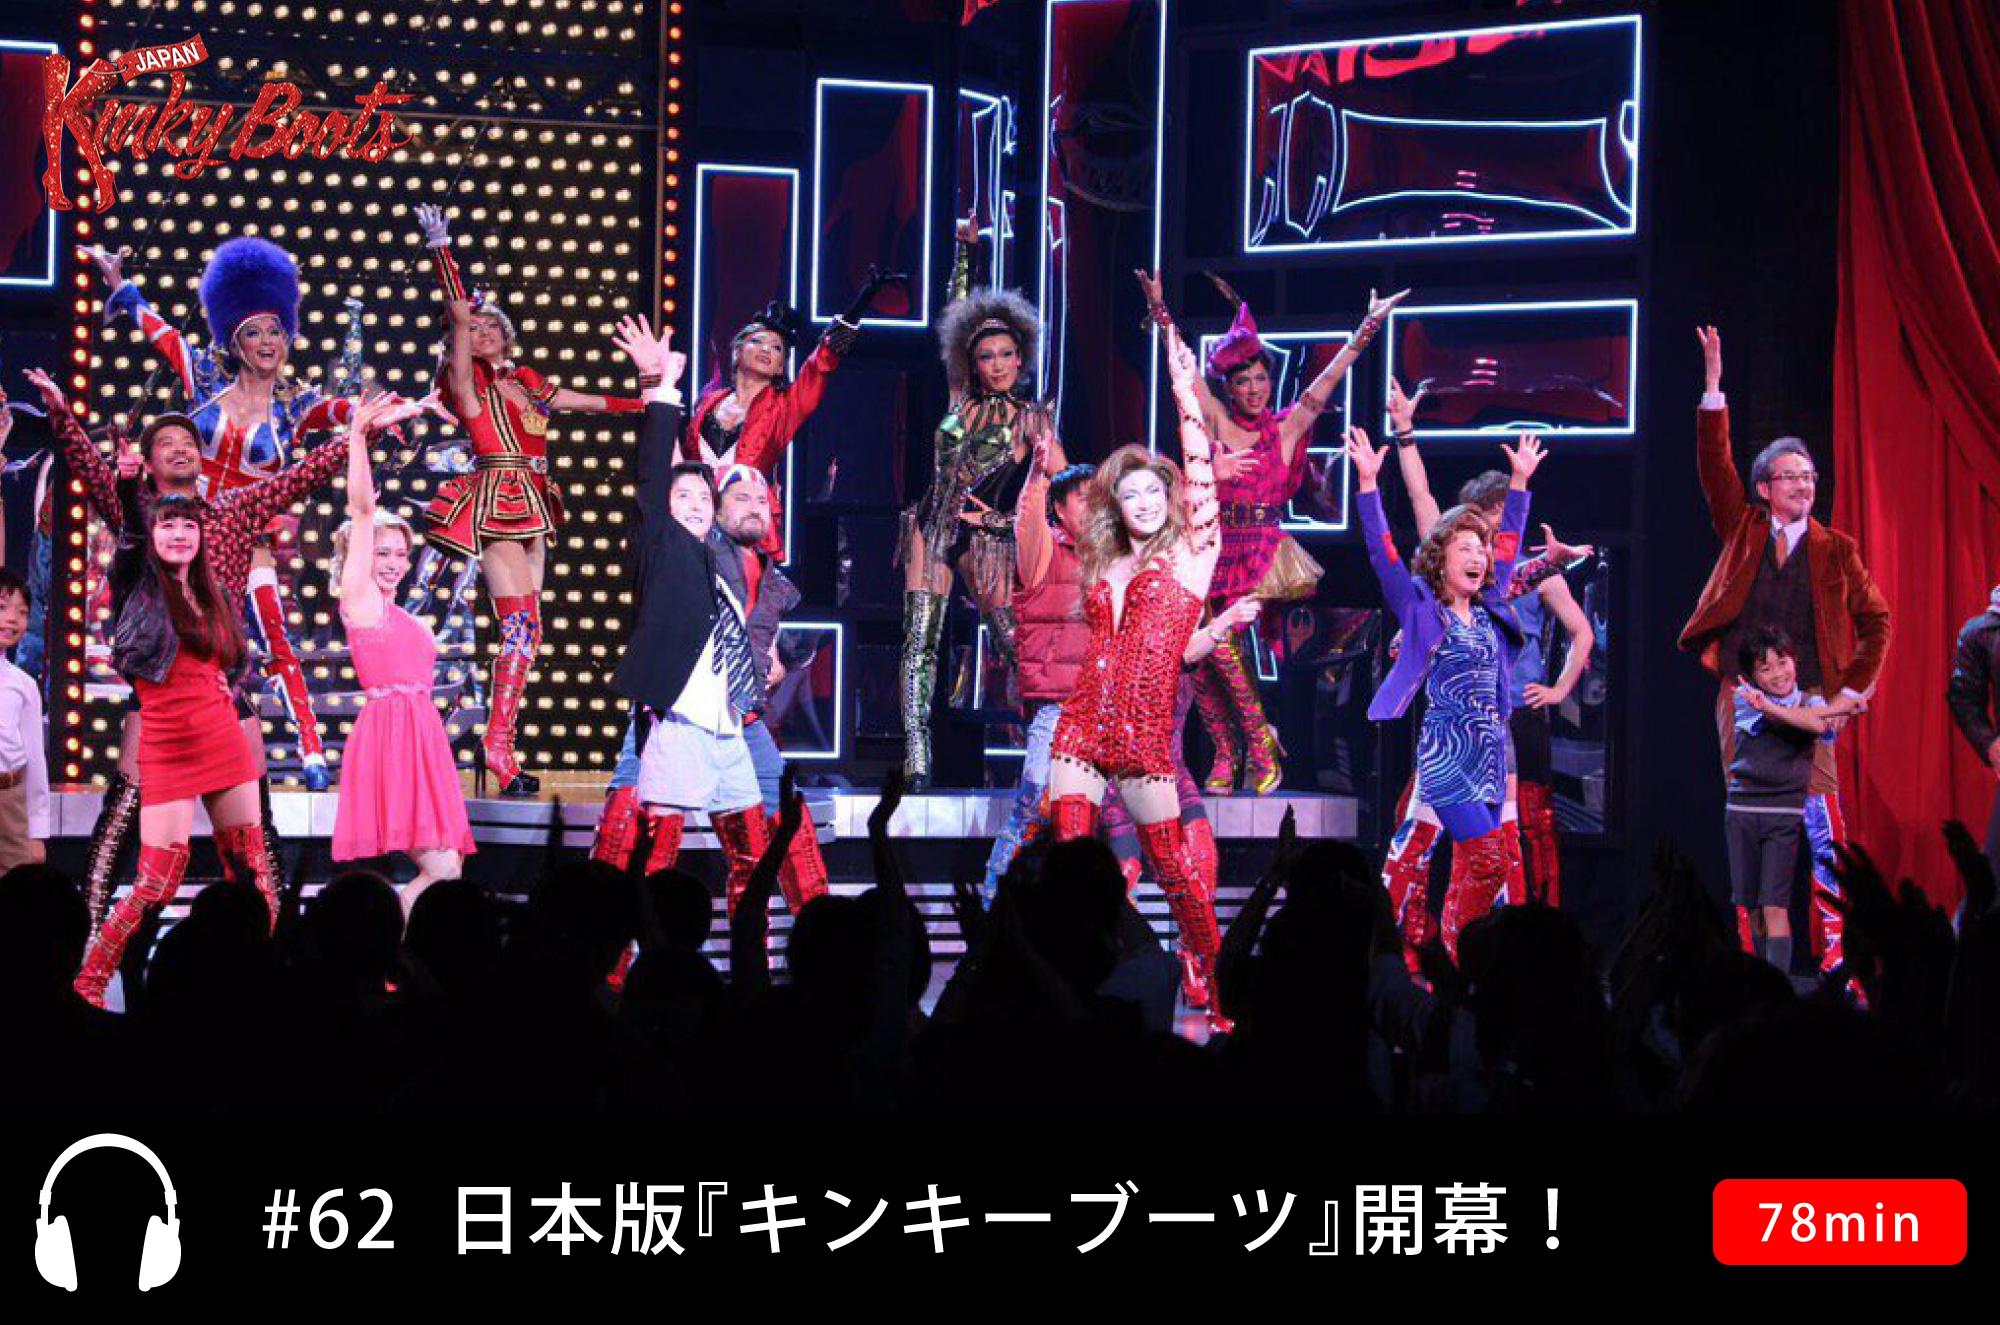 第62回:踊るHARUMA、歌うTEPPEI!日本版『キンキーブーツ』開幕!/エレベーター・ズボン・地下鉄って何て言うの? イギリス英語クイズ/イギリス英語を学ぶならこれ!オススメ参考書4冊